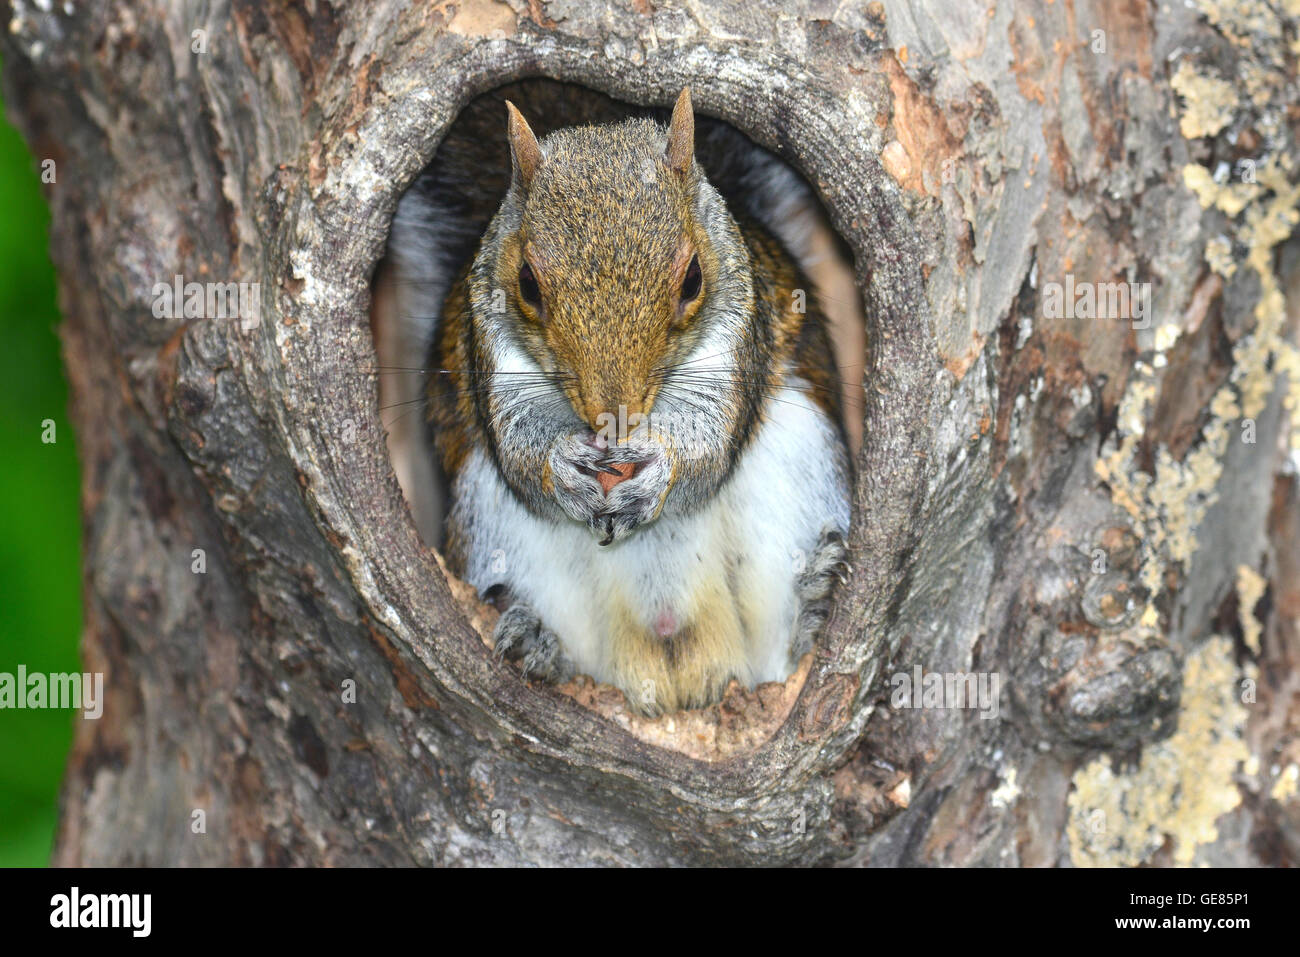 grey squirrel sciurus carolinensis - Stock Image